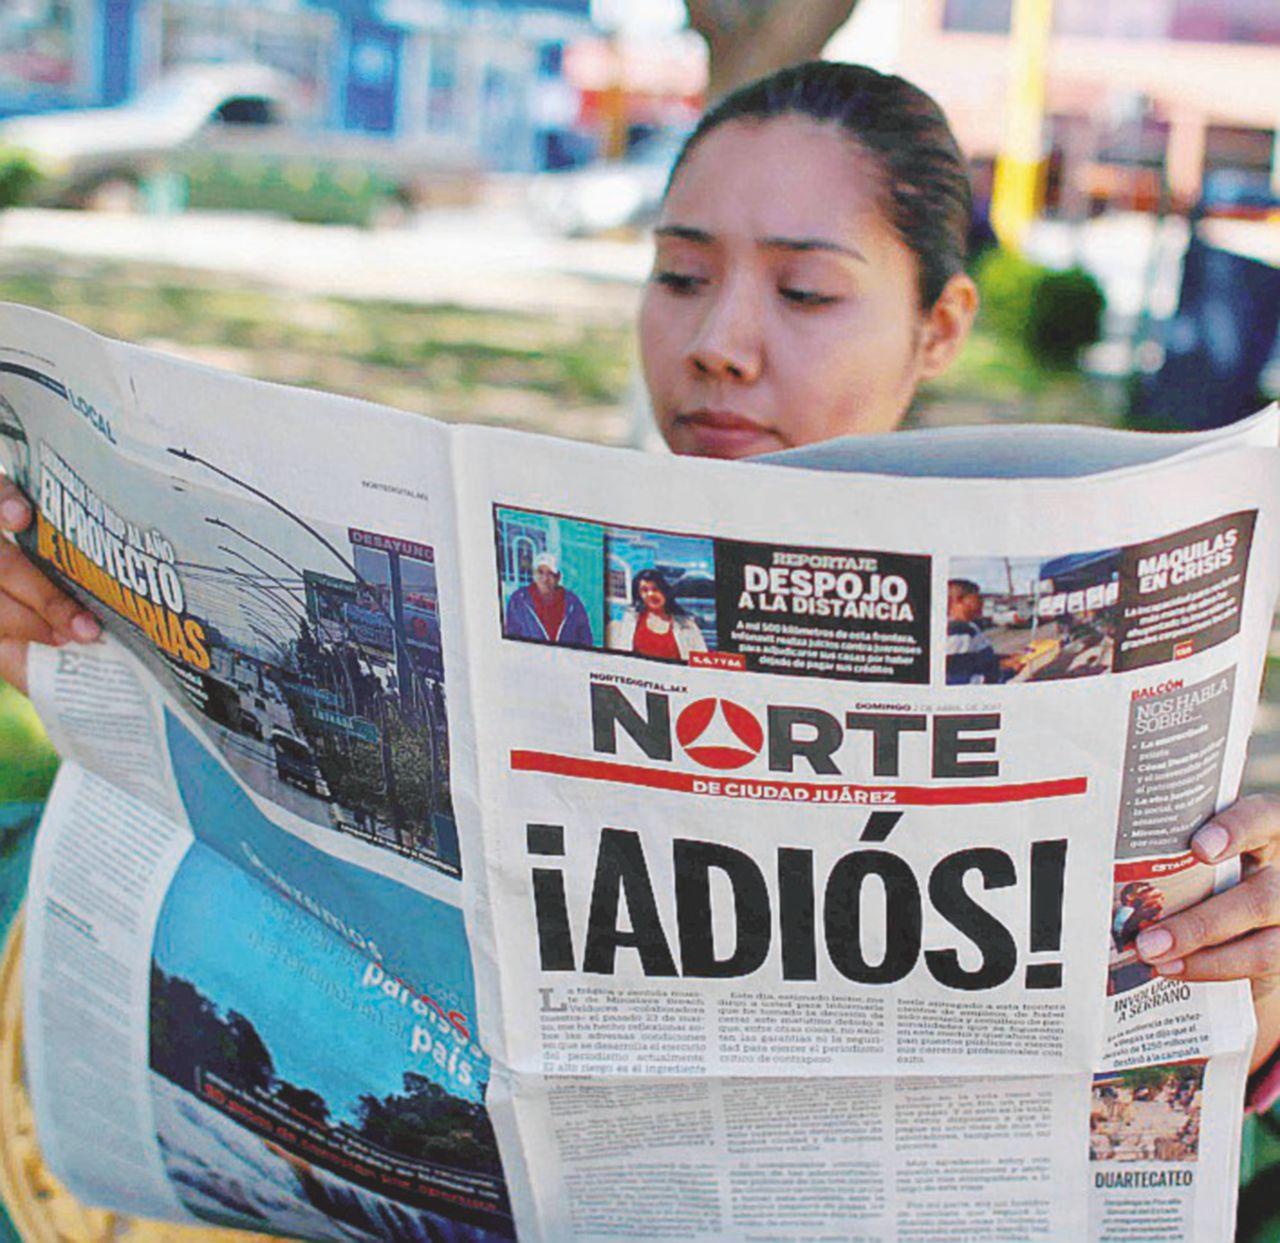 Messico e piombo. Non è un Paese per giornalisti